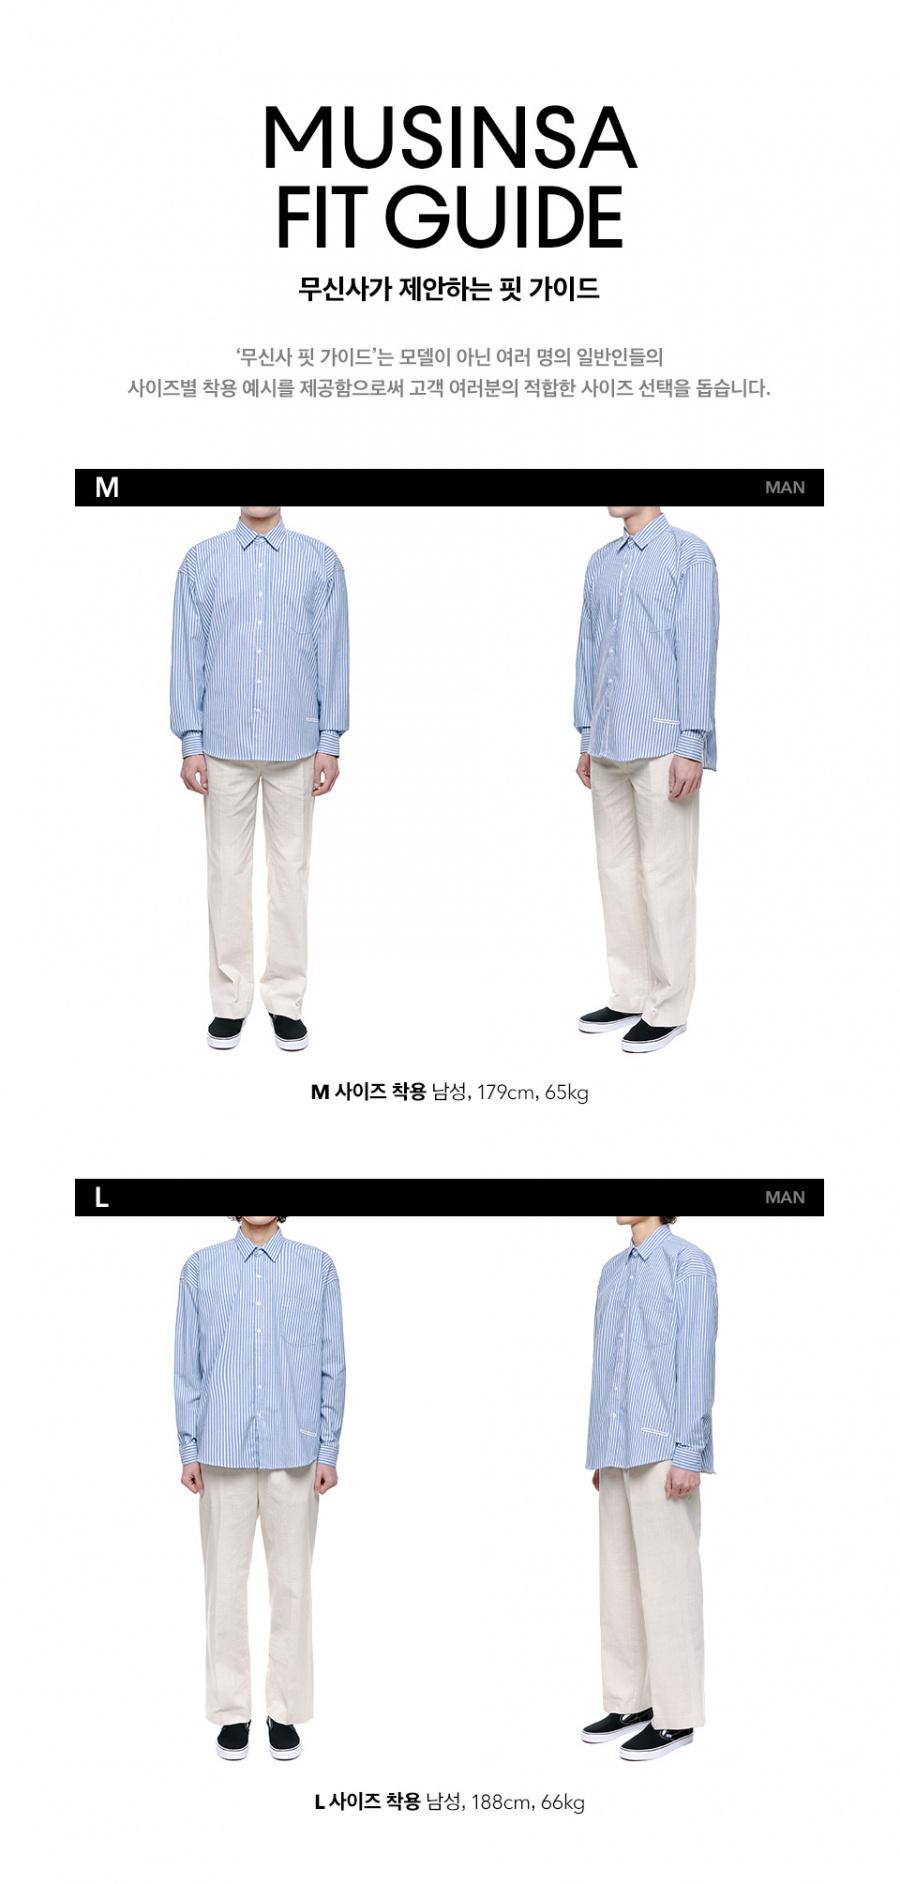 탠더랩(TENDER LAB) 오버핏 스트라이프 셔츠_블루